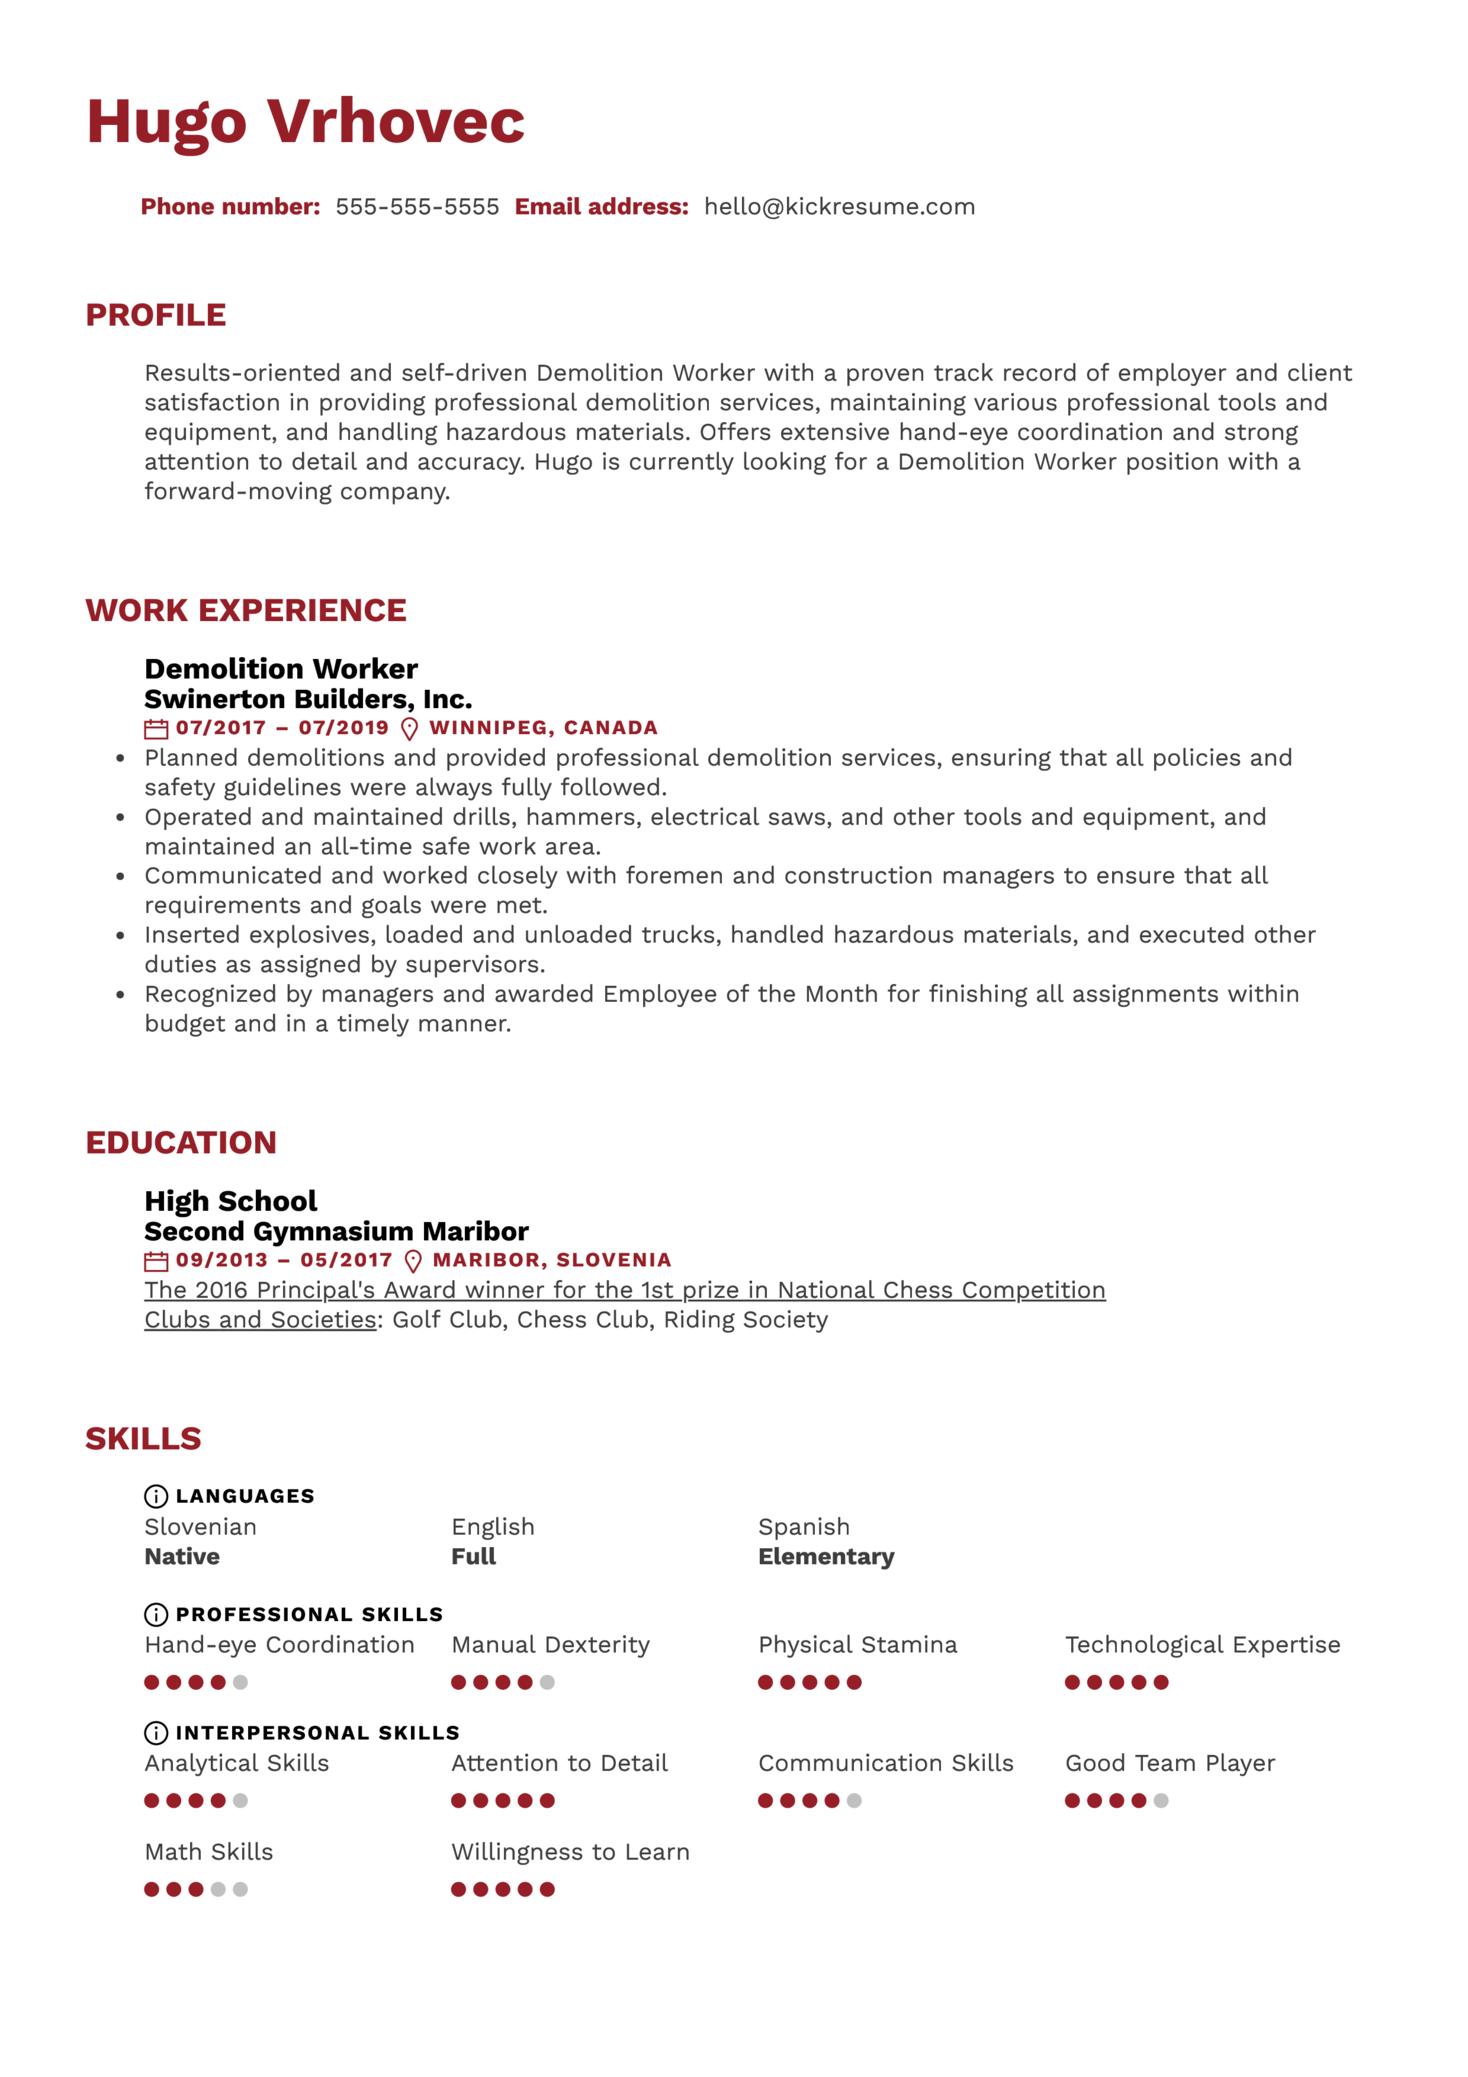 Demolition Worker Resume Sample (Part 1)